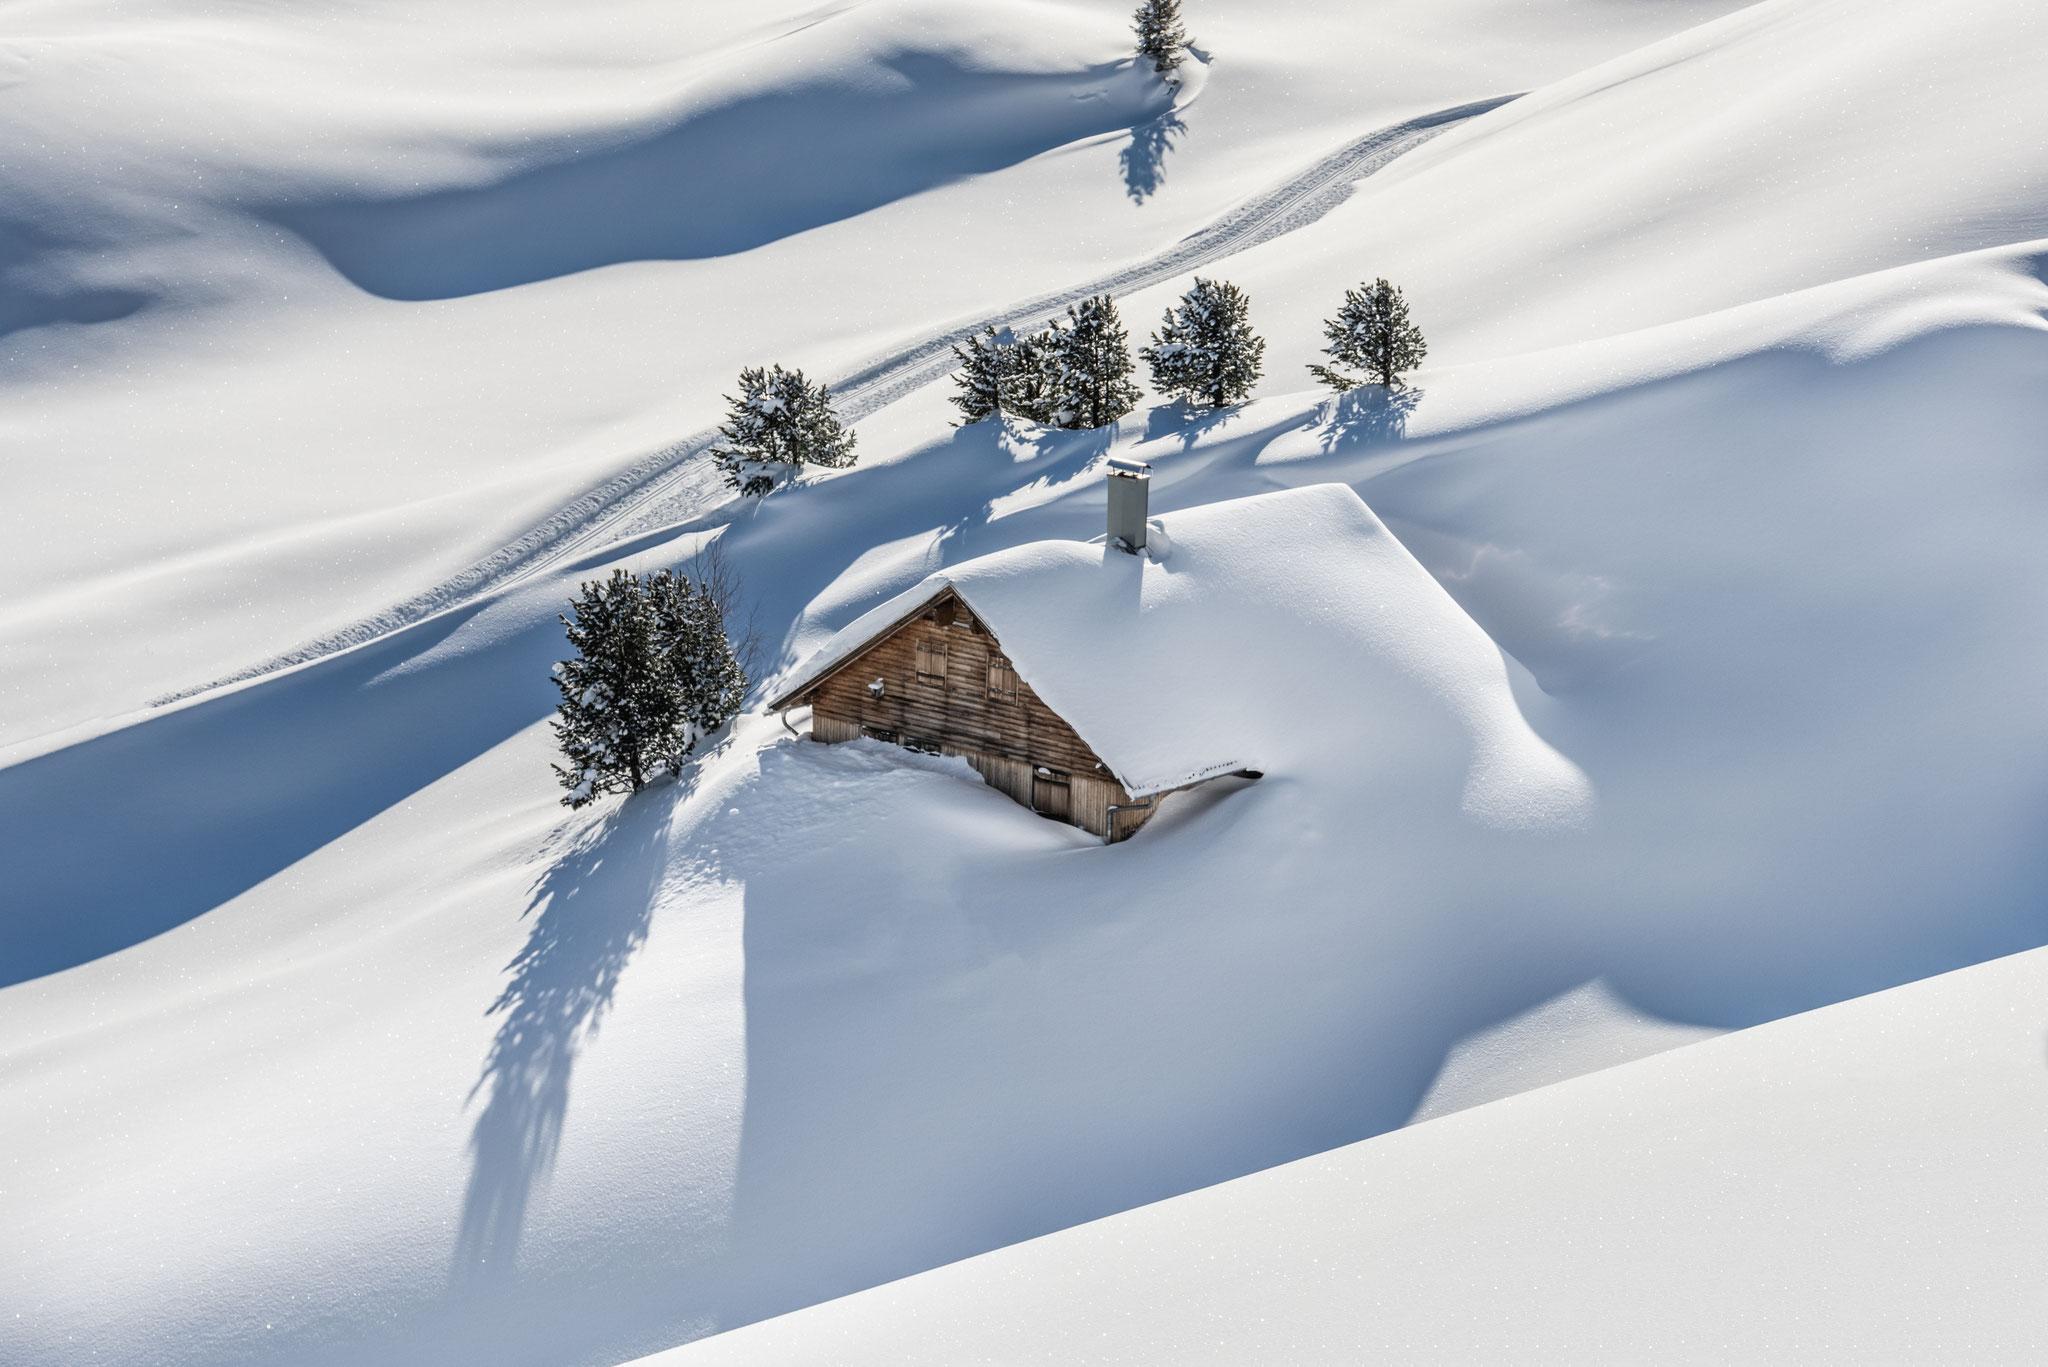 Chalet am Berg, ein Wintermärchen